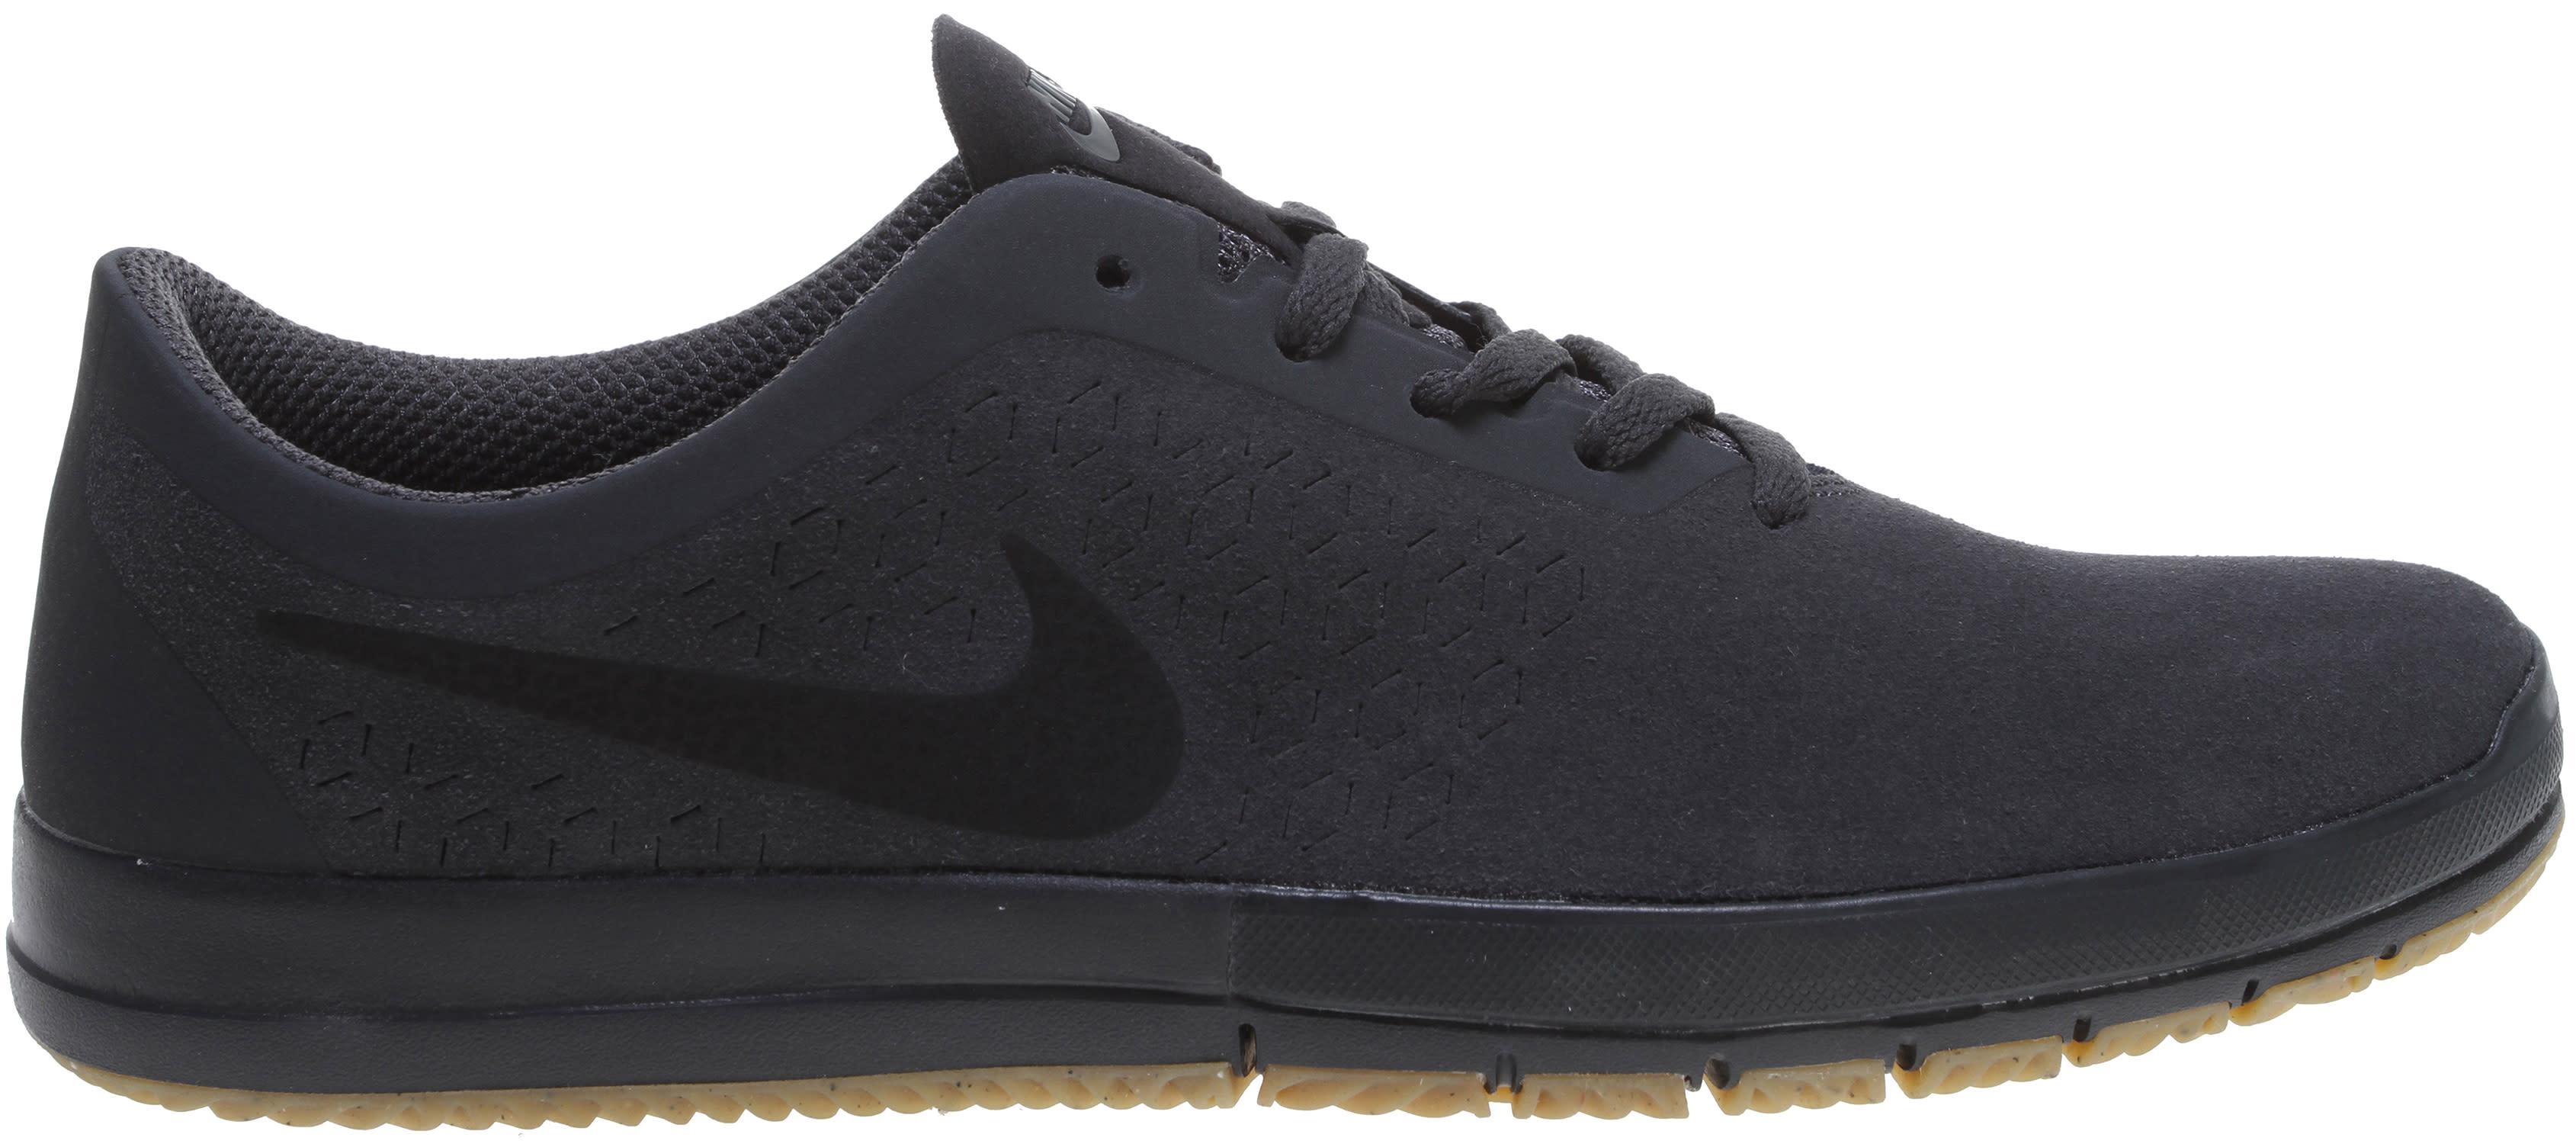 Nike Sb Free Sb Skate Shoes